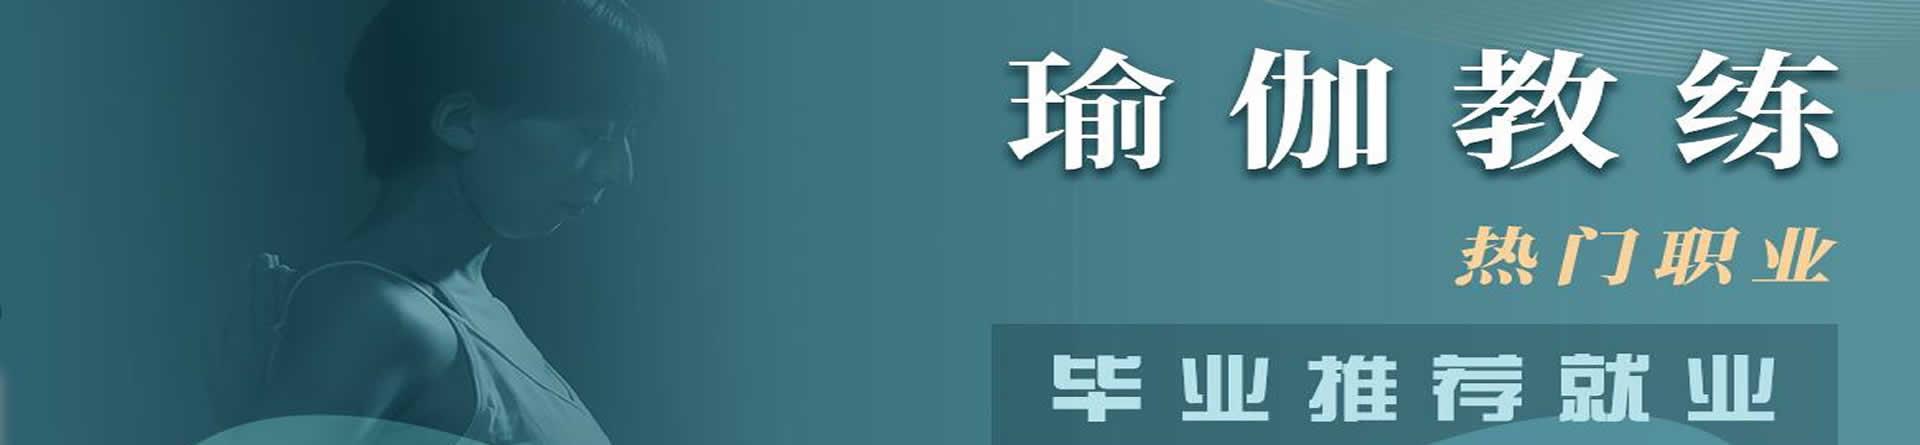 郑州八支瑜伽培训